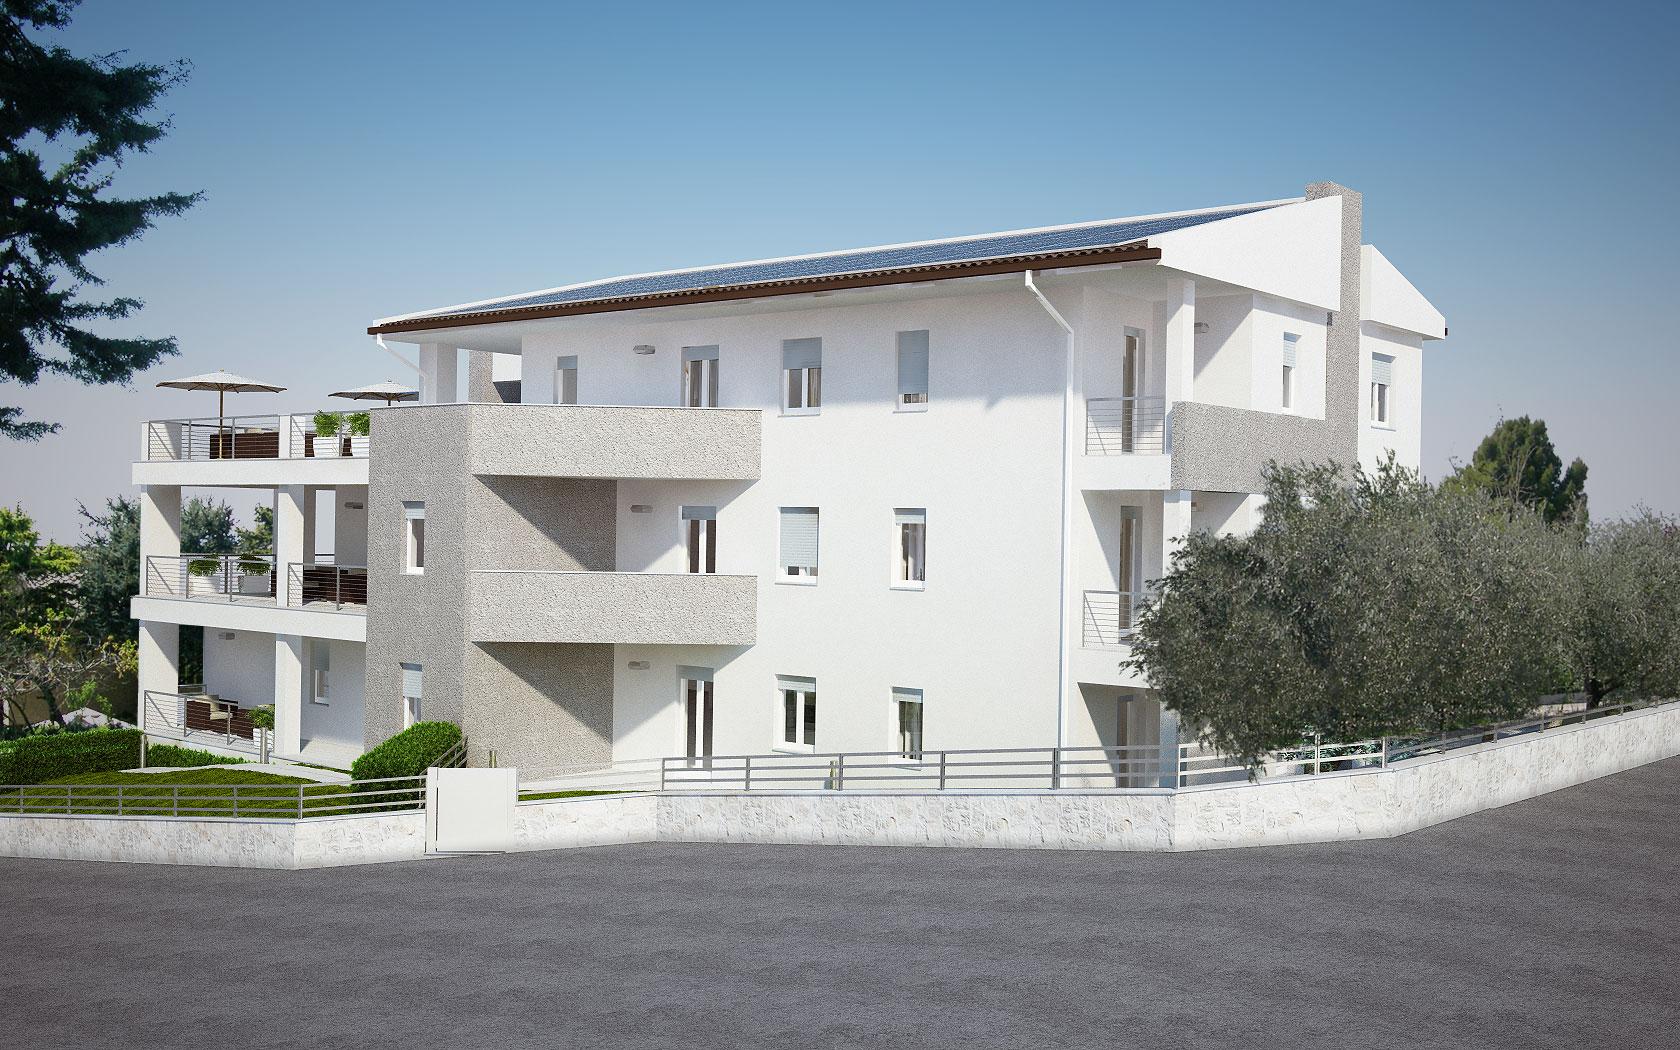 edificio-via-piccolpasso-02